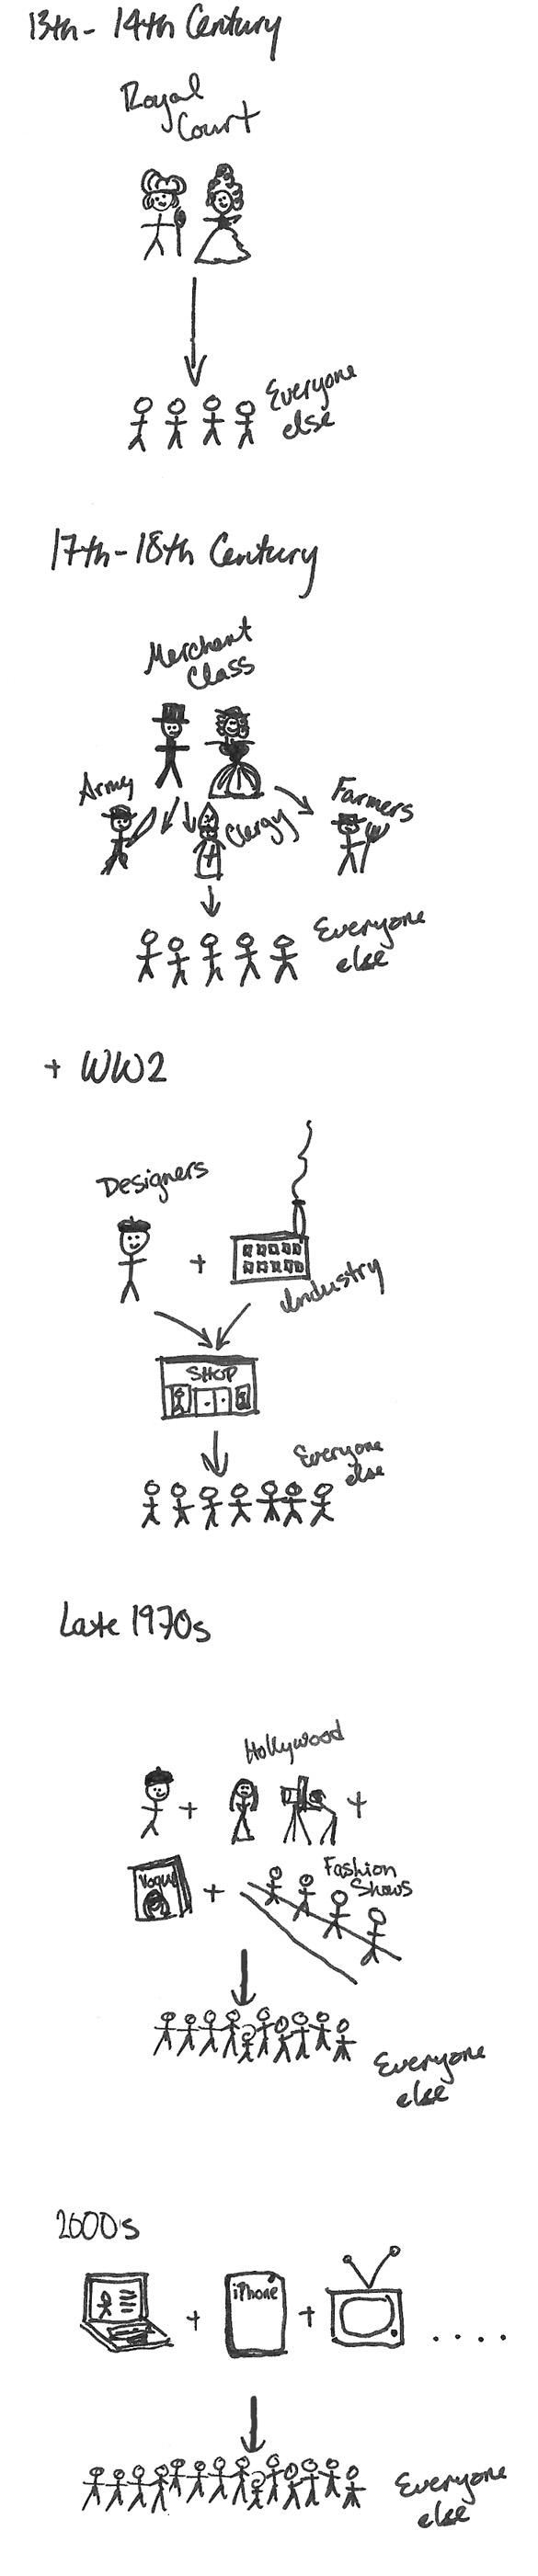 History of Fashion Diffusion